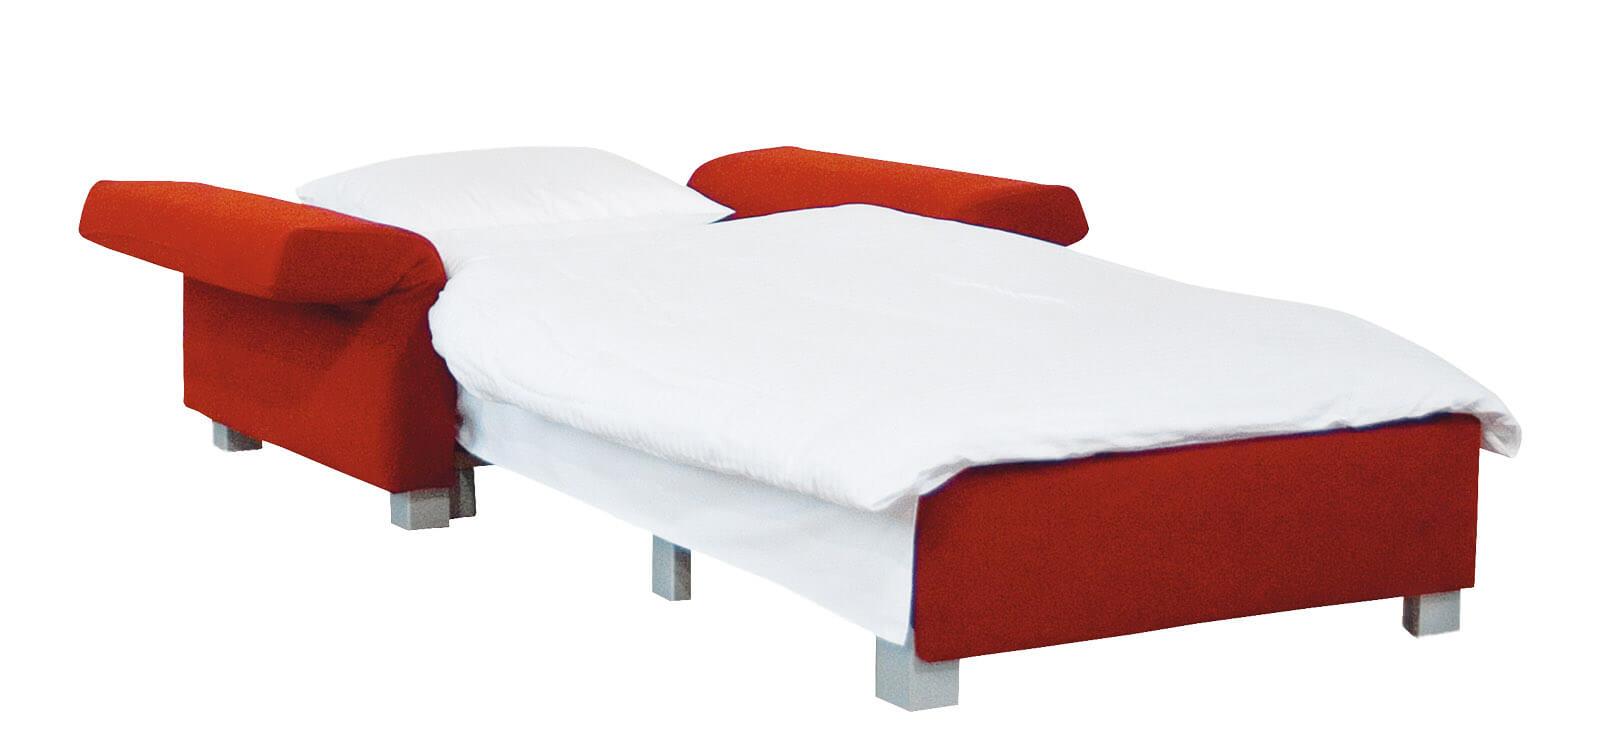 relaxsessel minnie von franz fertig. Black Bedroom Furniture Sets. Home Design Ideas